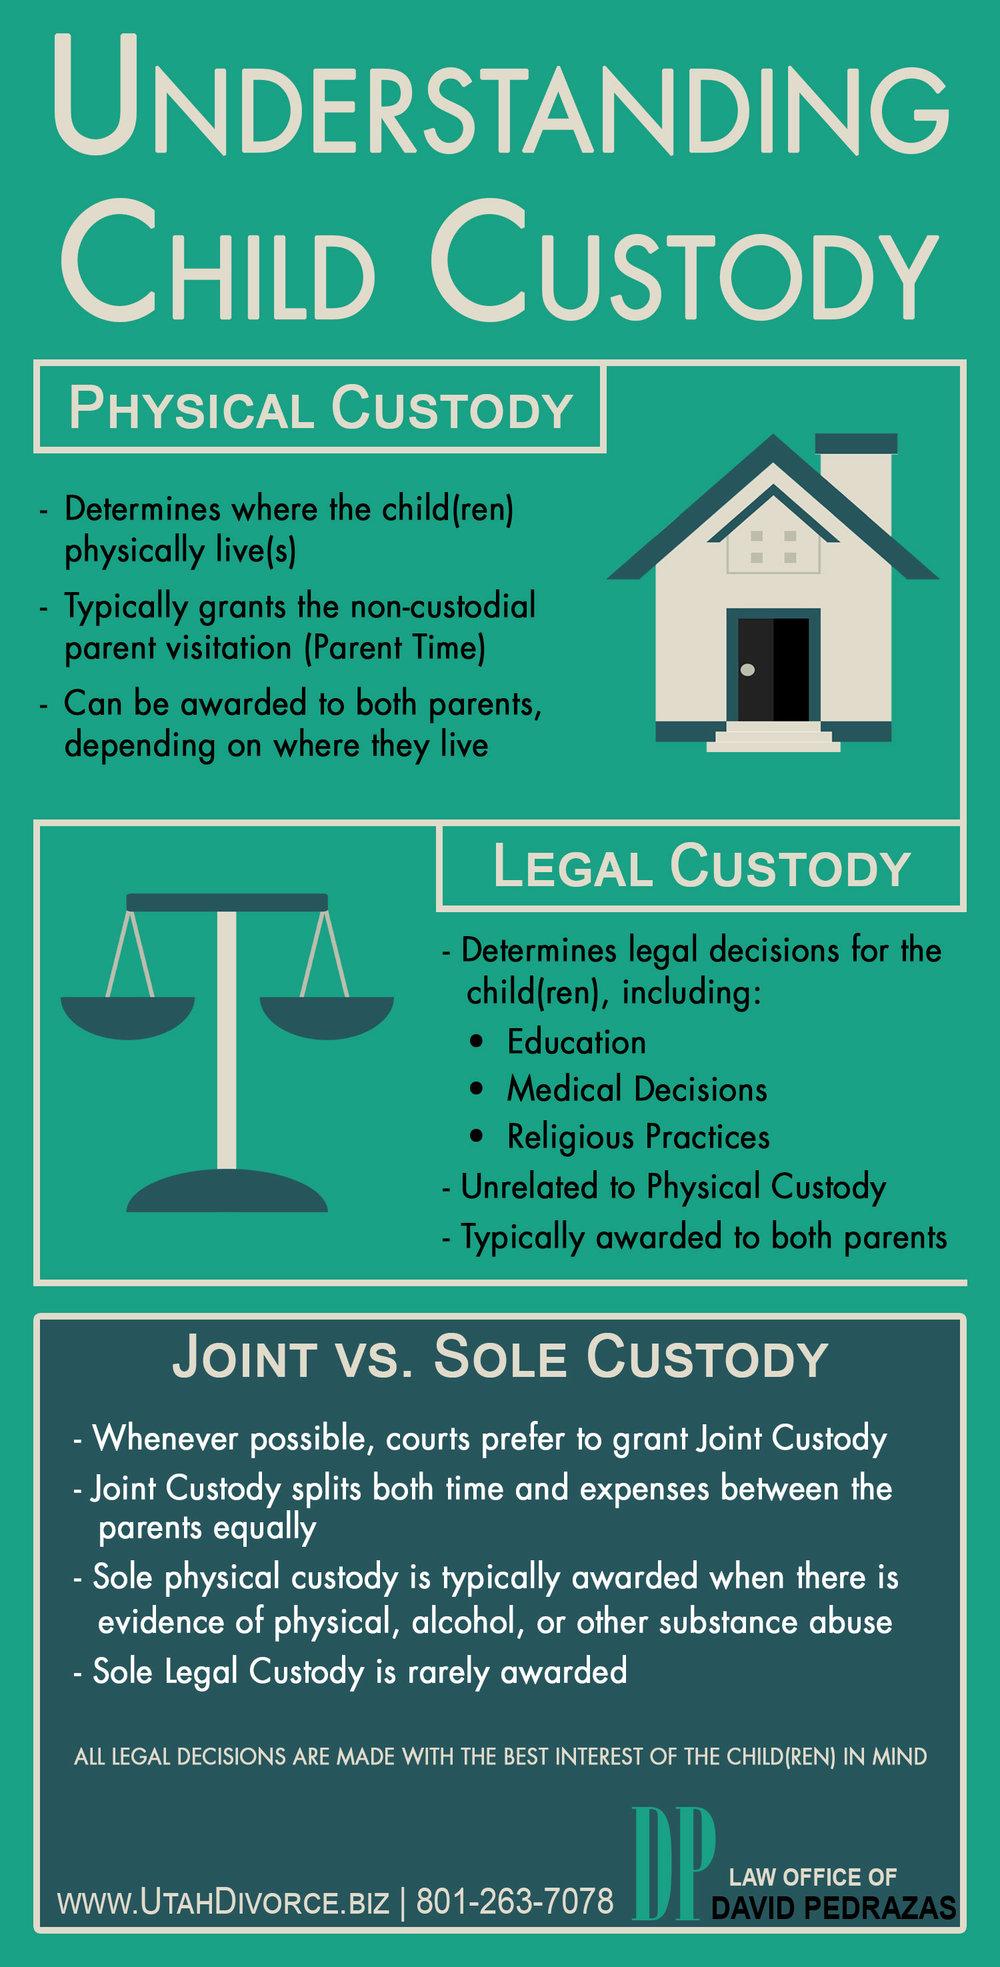 Child-Custody-Infographic.jpg